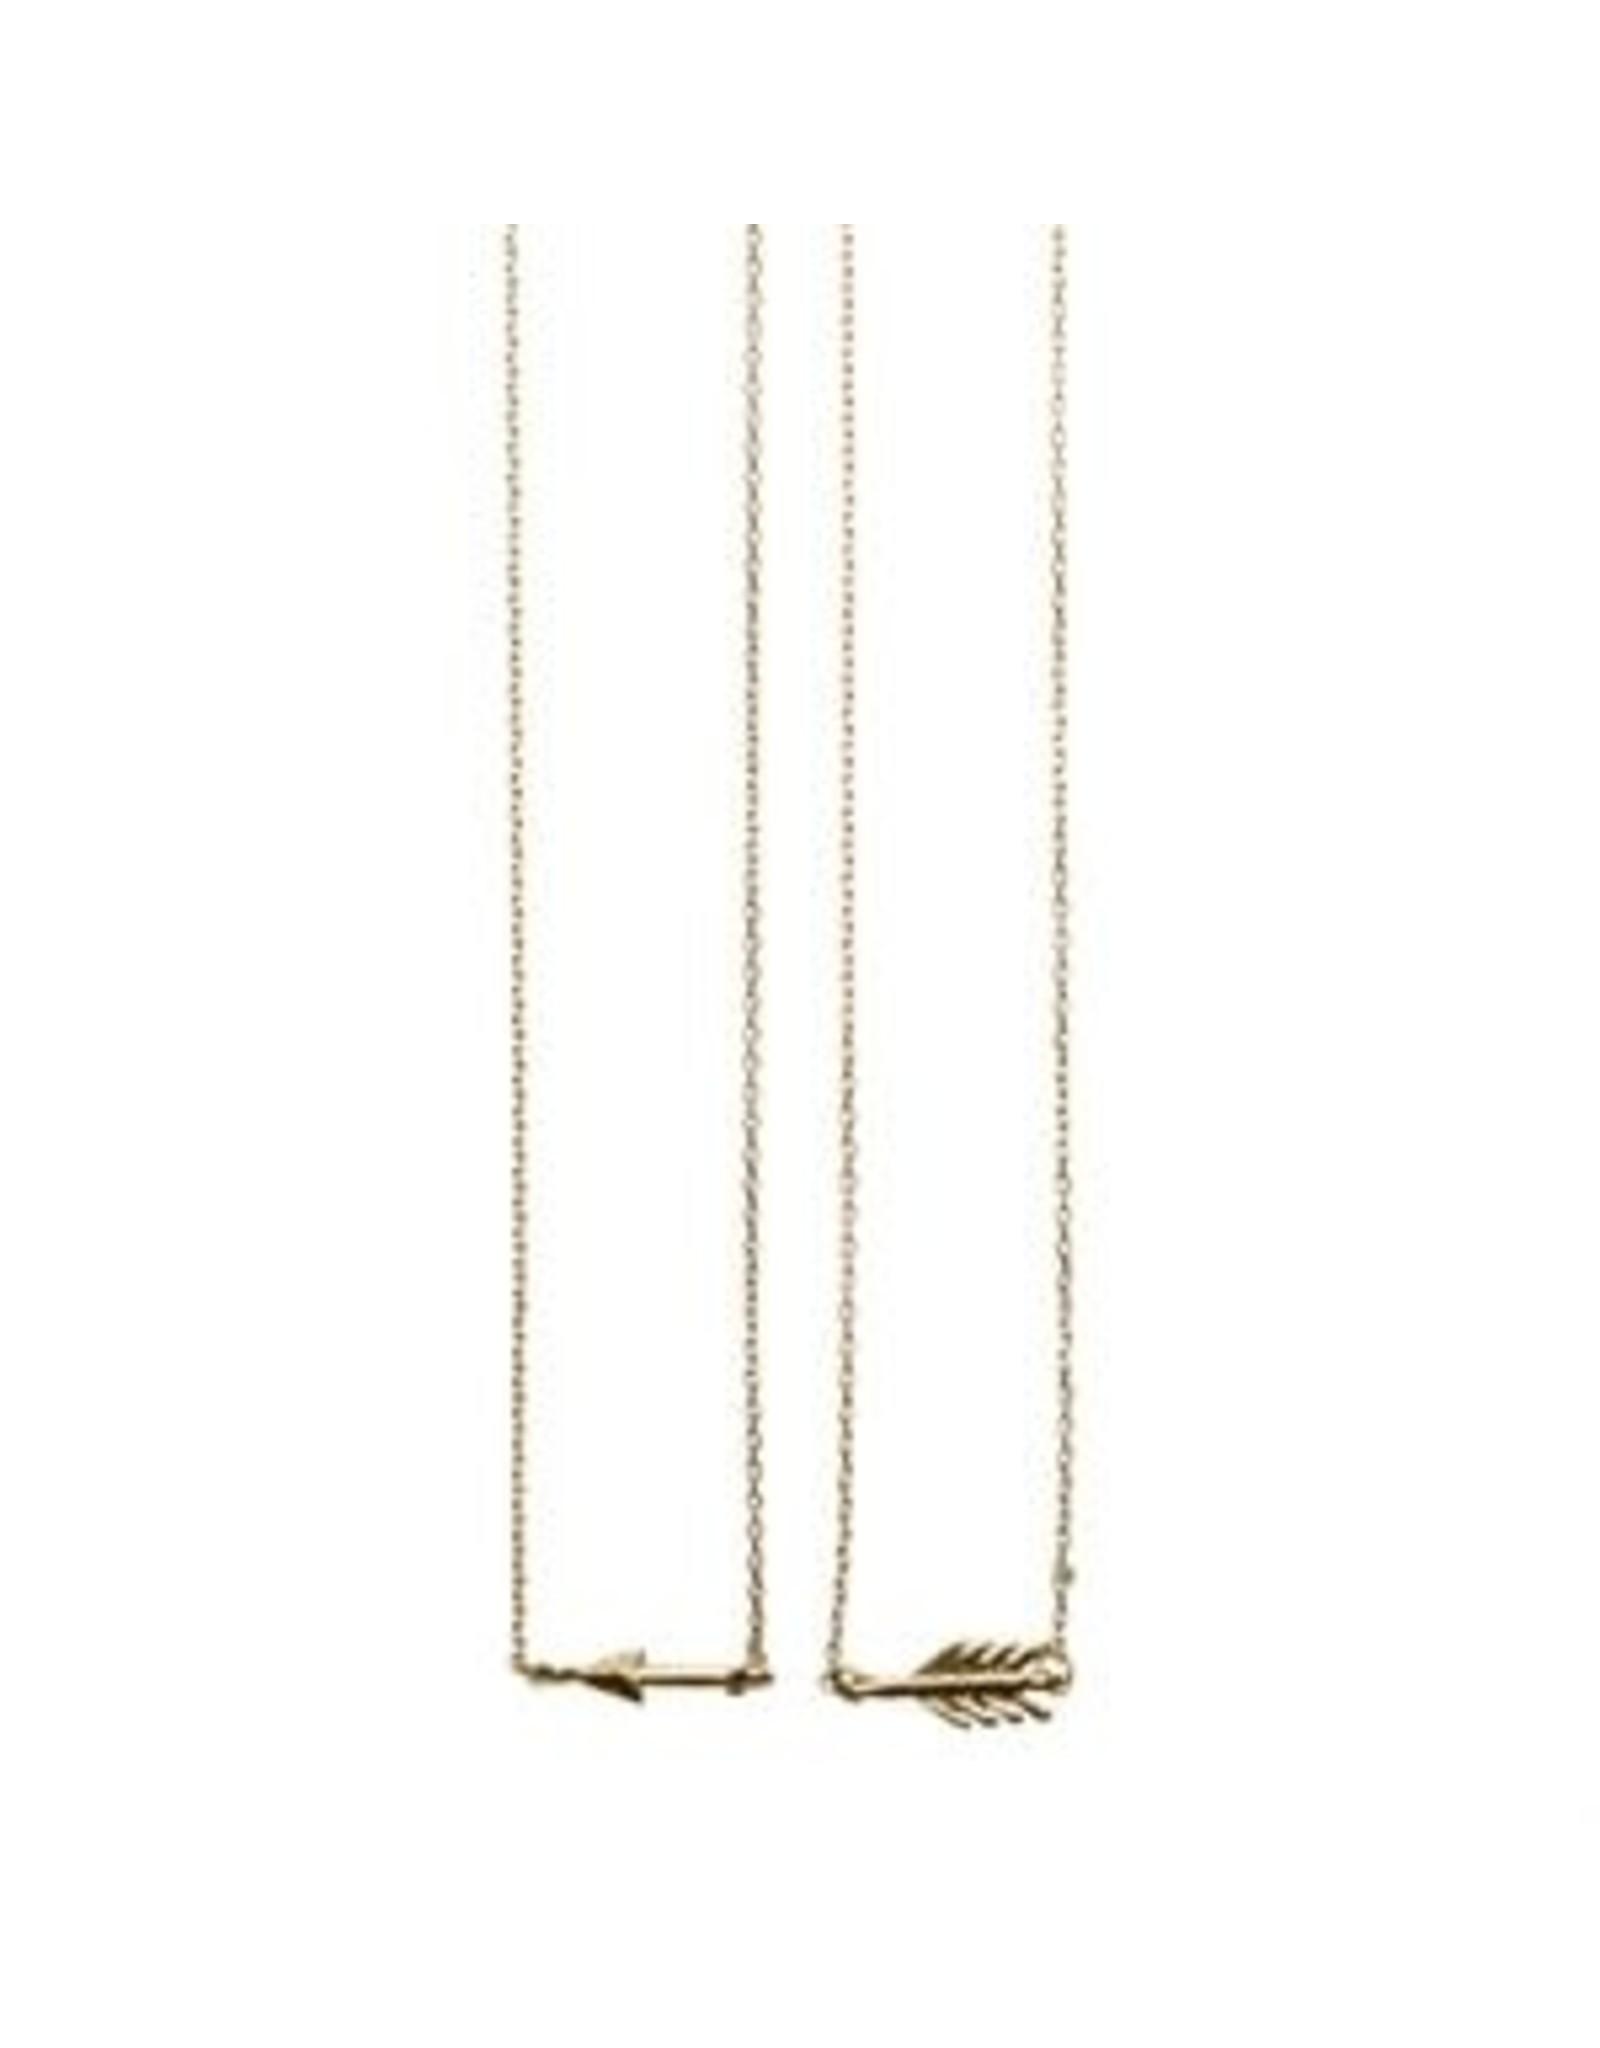 Timi necklaces - broken arrow (gold)